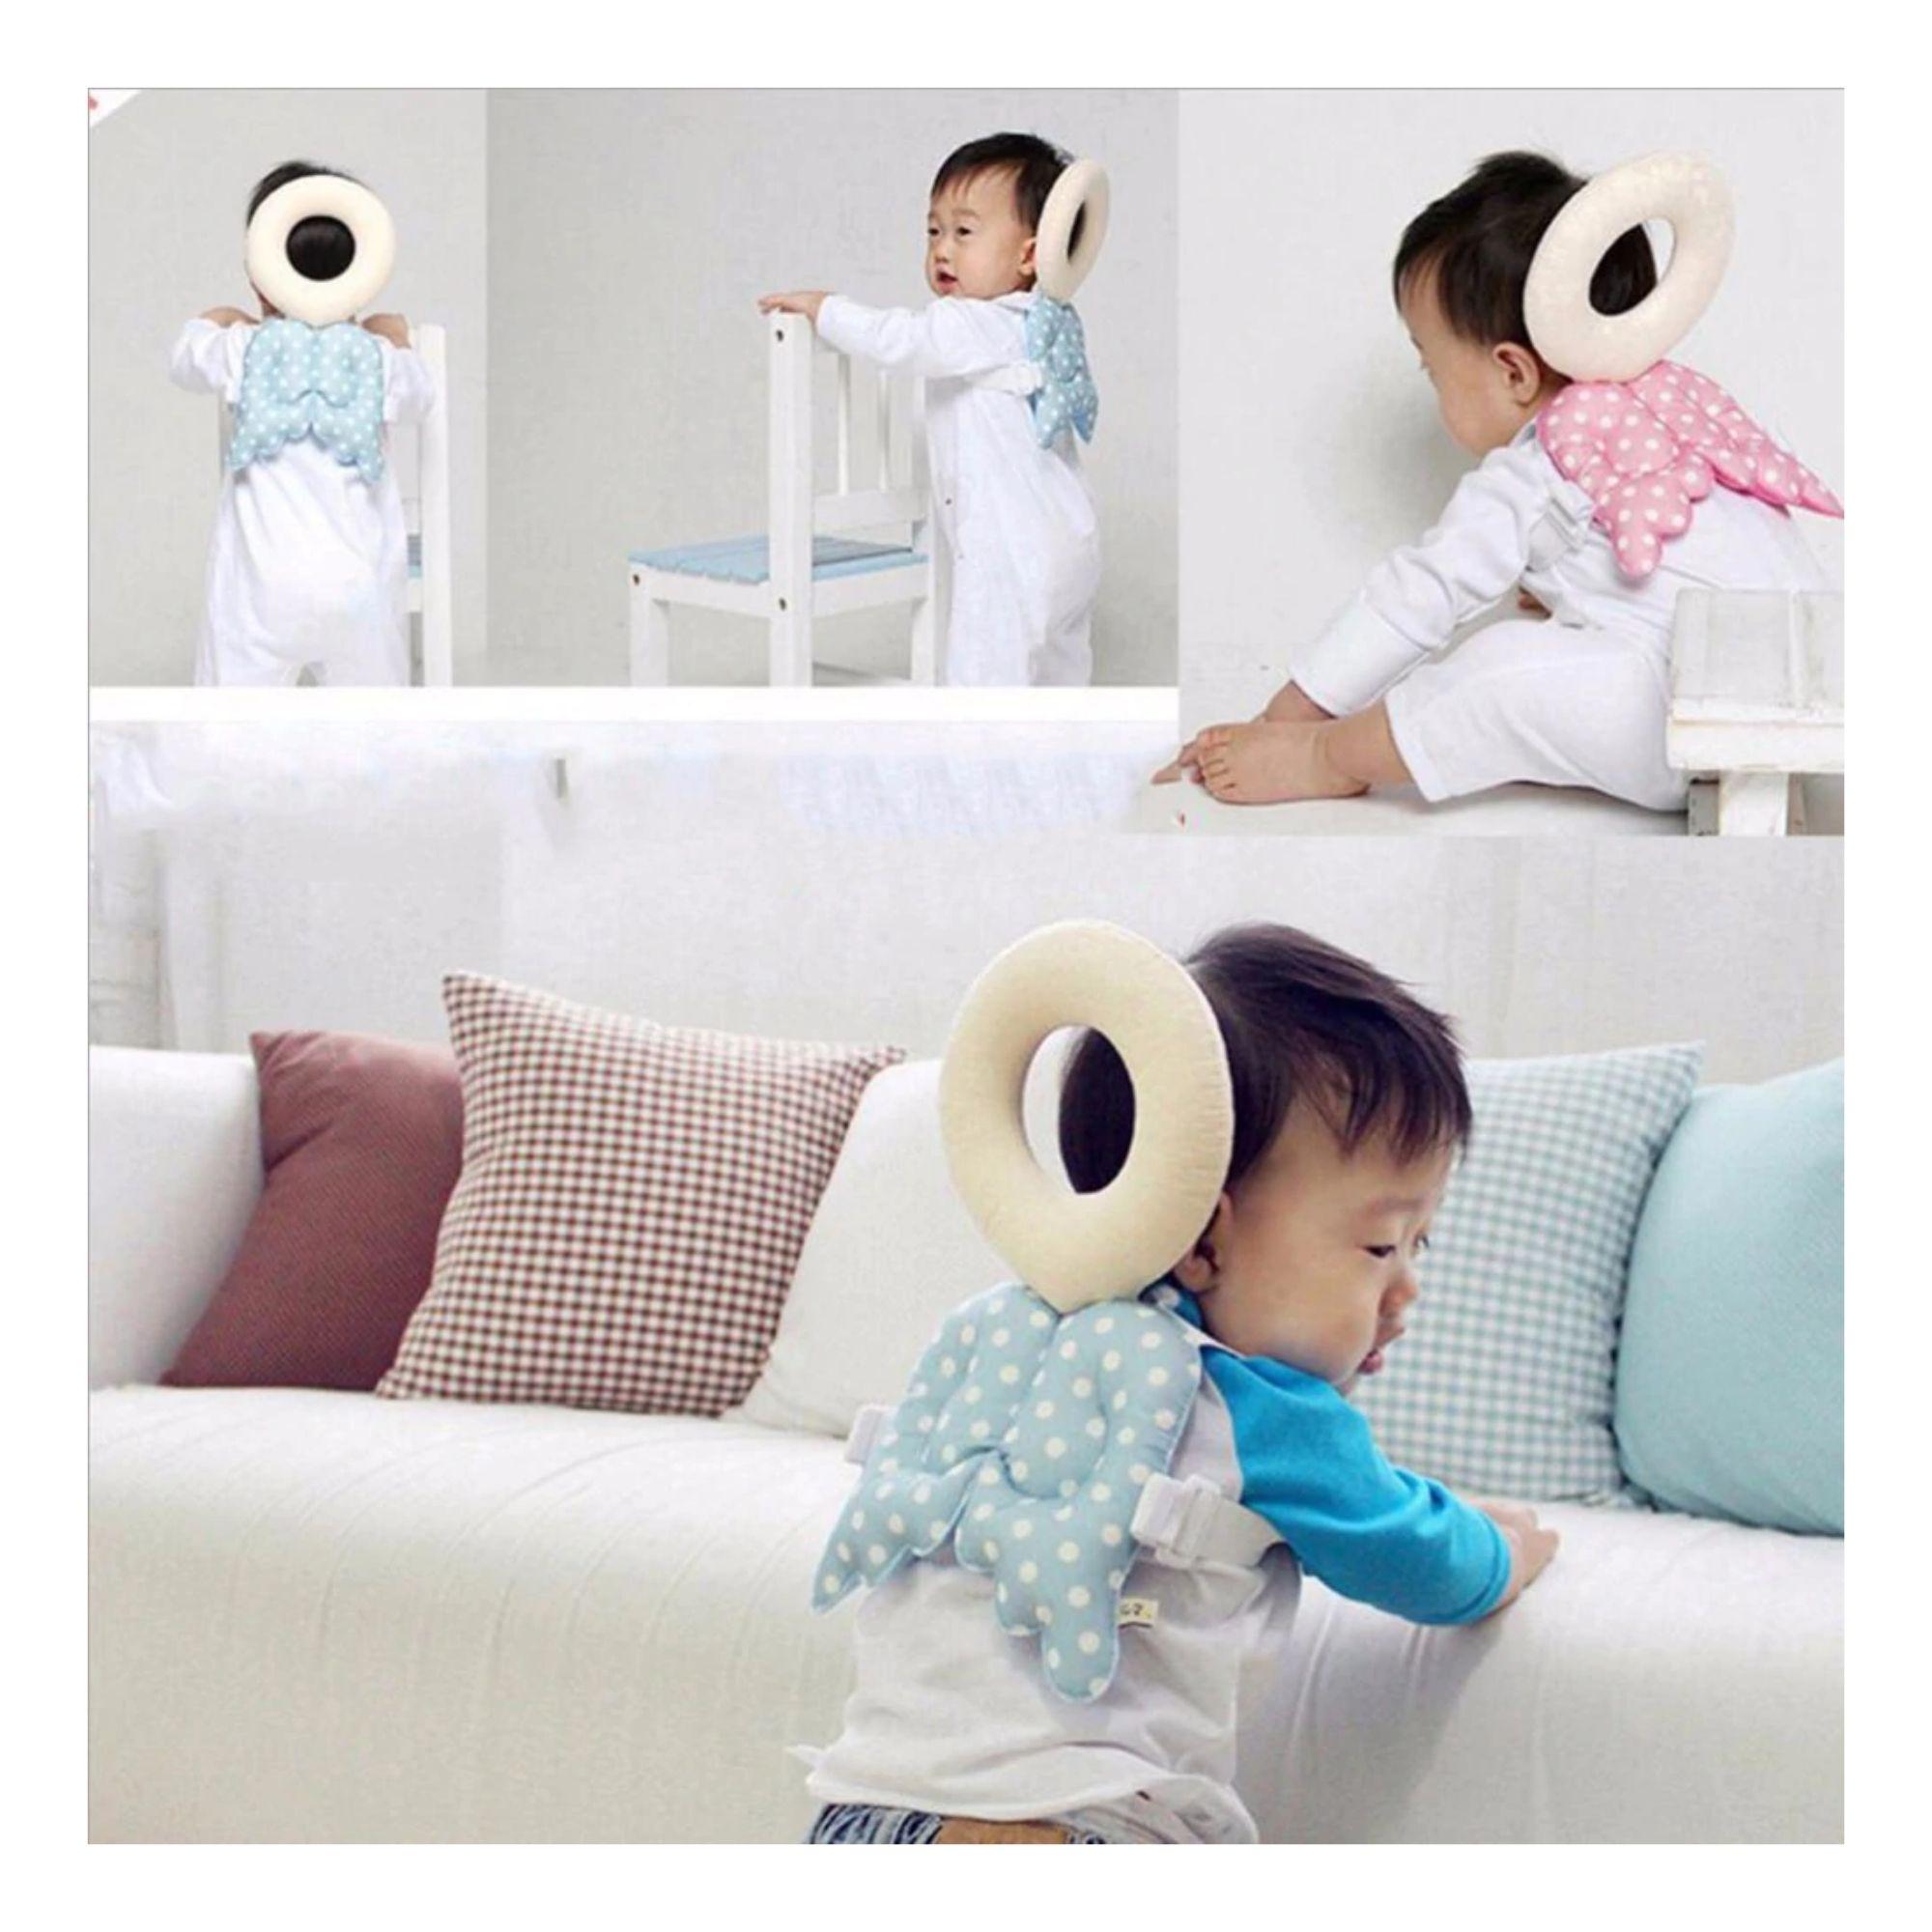 Protetor Bebe para cabeça e costas amortece quedas e colisões  - Game Land Brinquedos